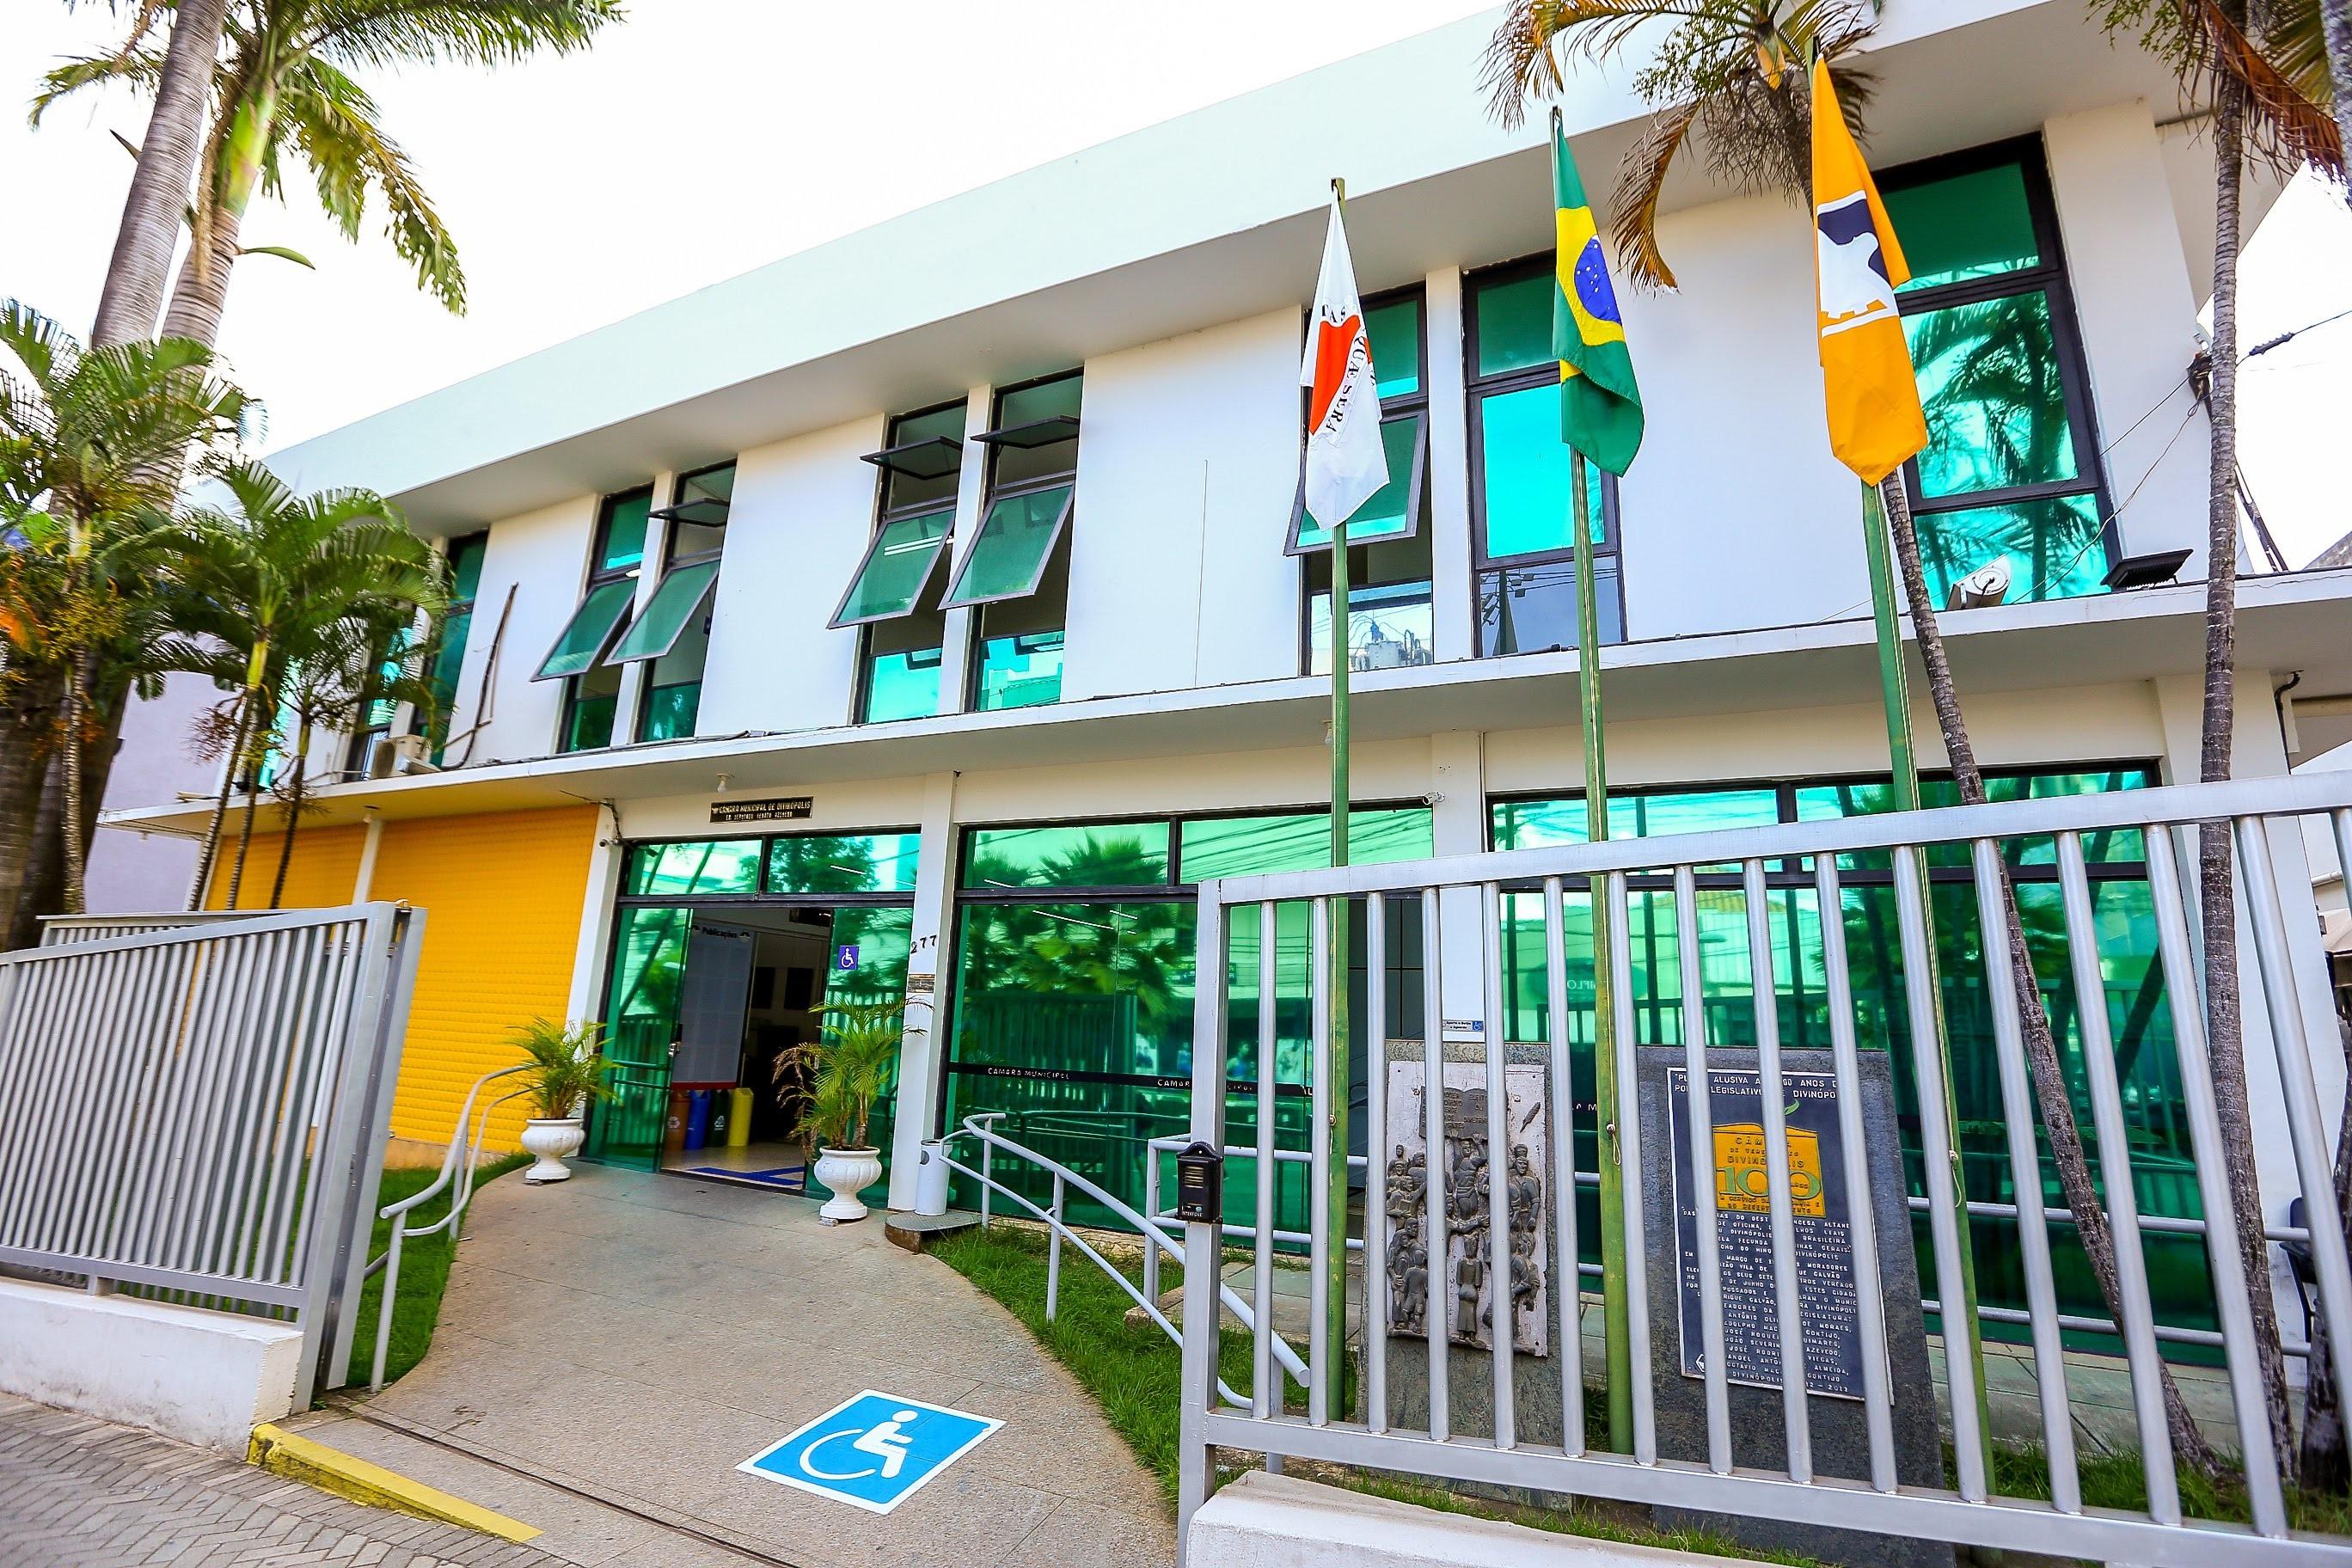 Câmara de Divinópolis aprova um projeto e quatro são retirados da pauta   - Notícias - Plantão Diário